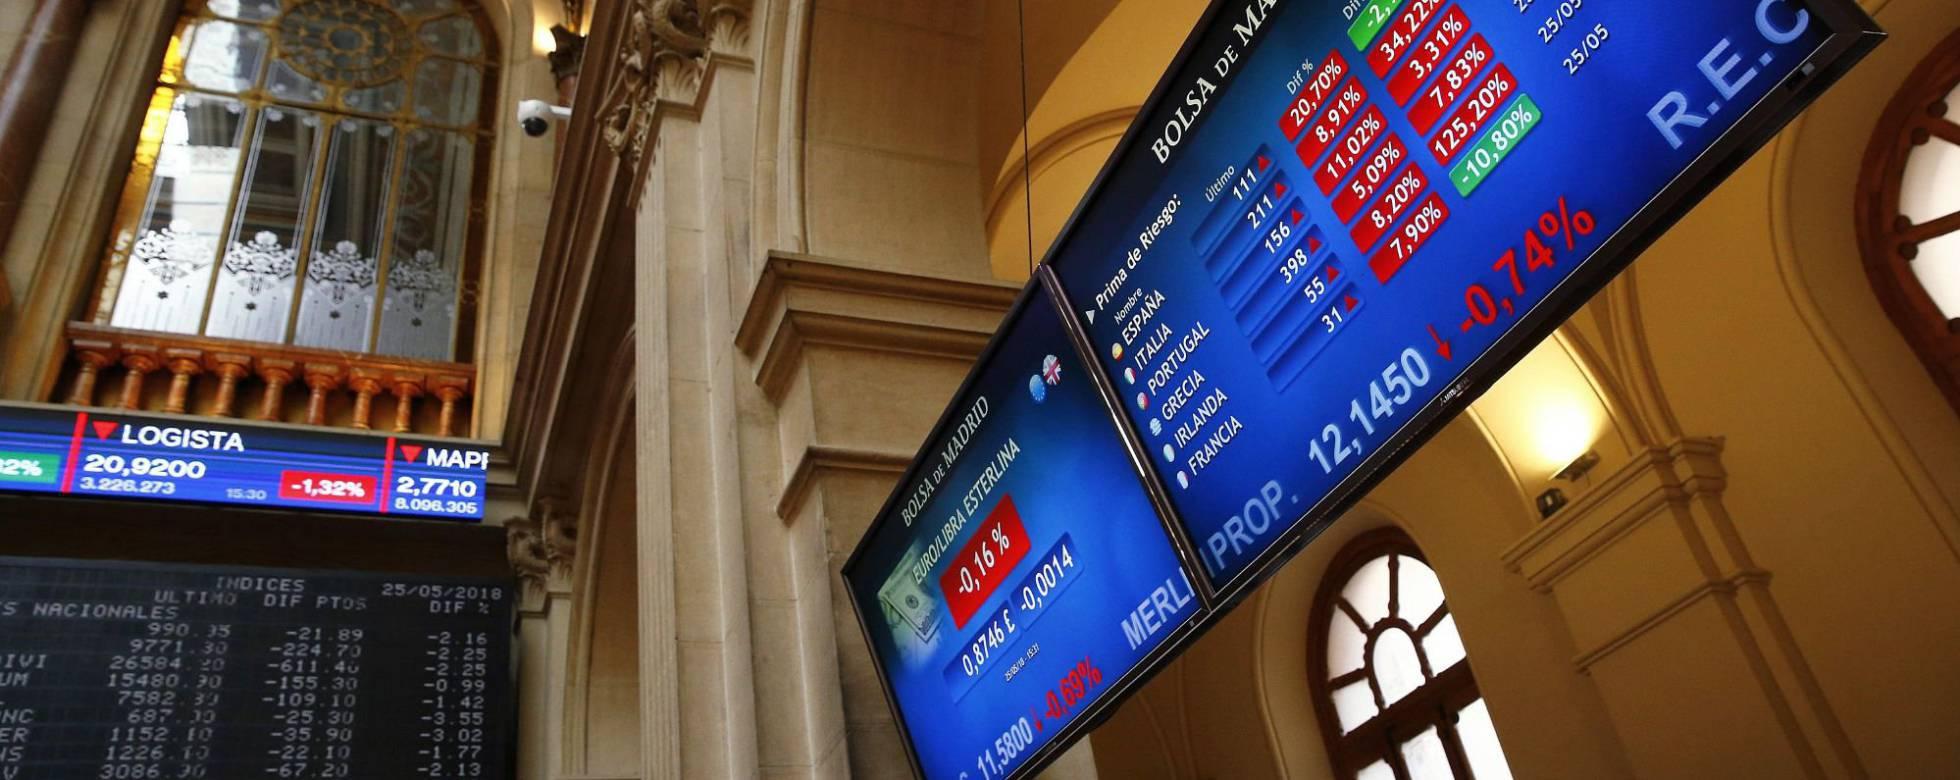 Ibex: Cinco gráficos que explican la tormenta del mercado